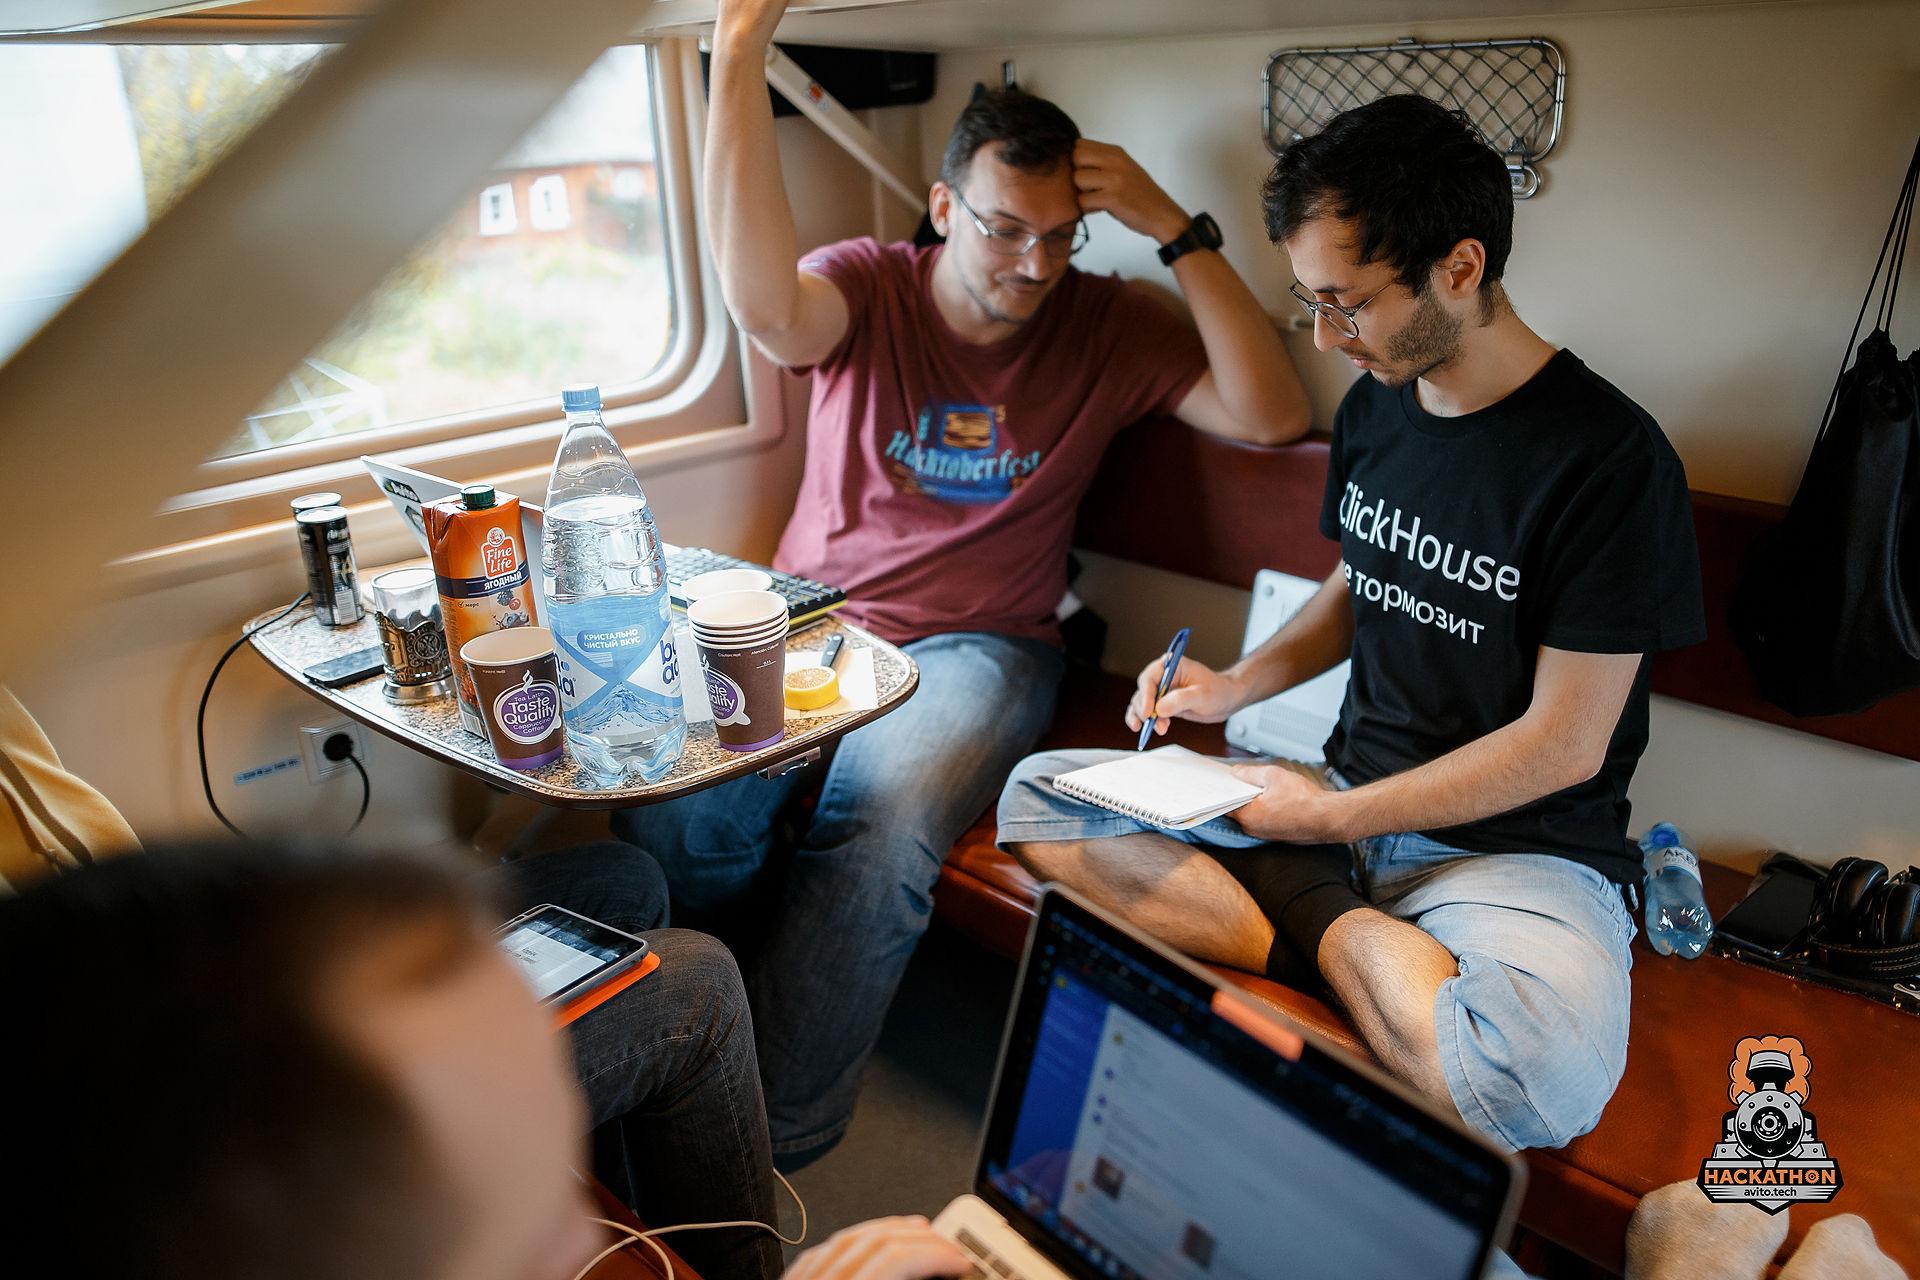 Как мы сделали хакатон в поезде и что из этого получилось - 10